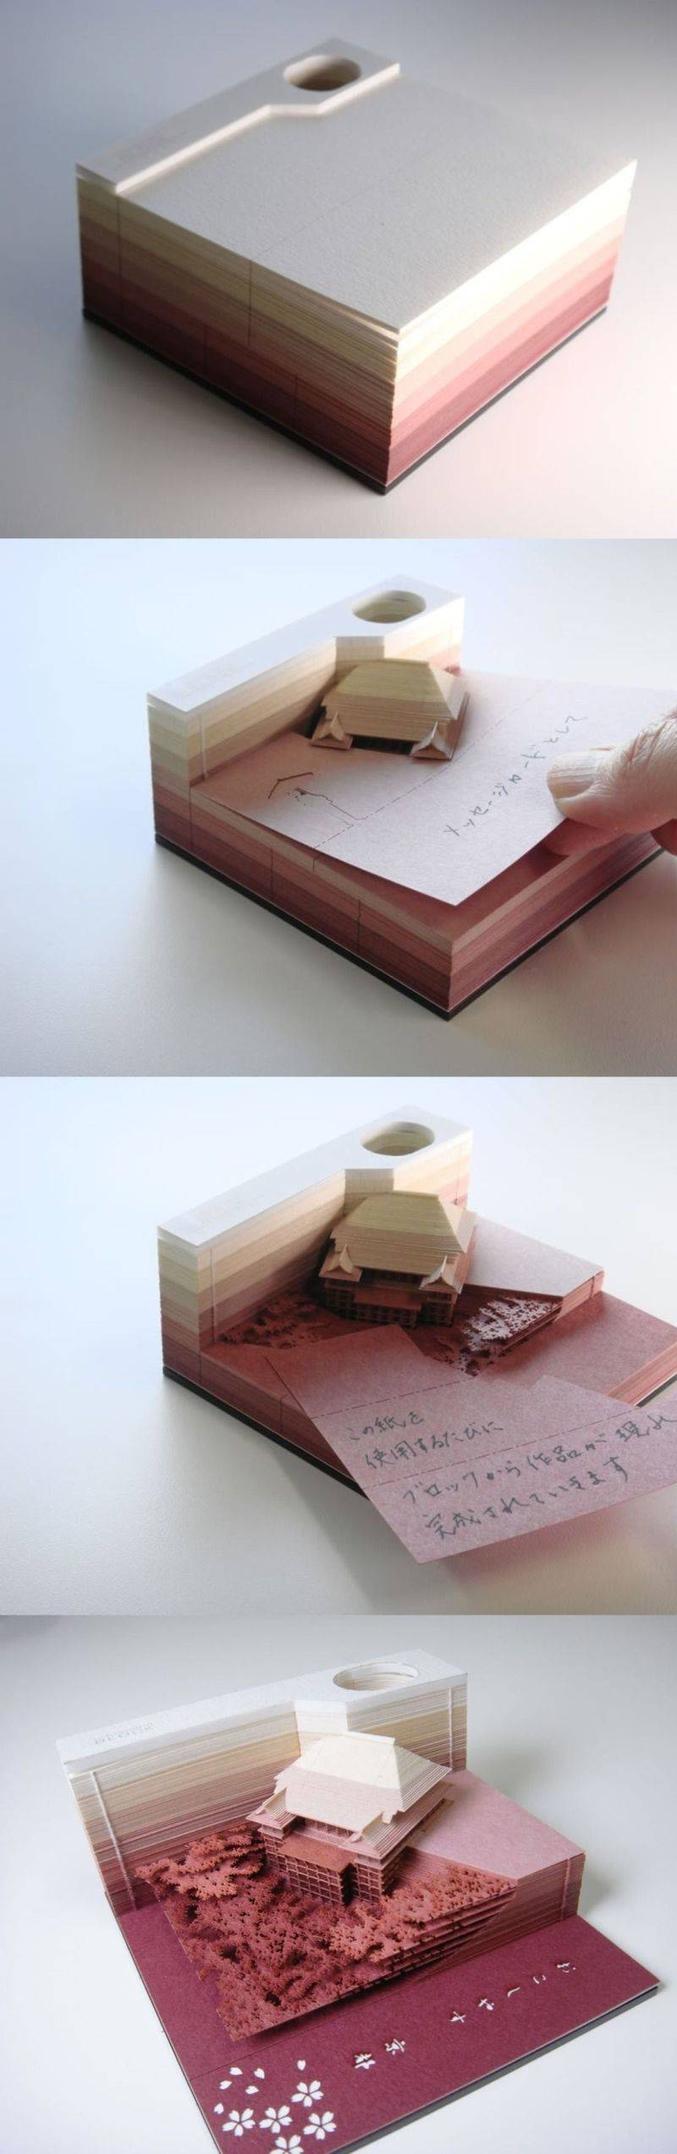 Certes, il ne reste plus trop de place pour écrire à la fin, mais ça fait travailler la mémoire !